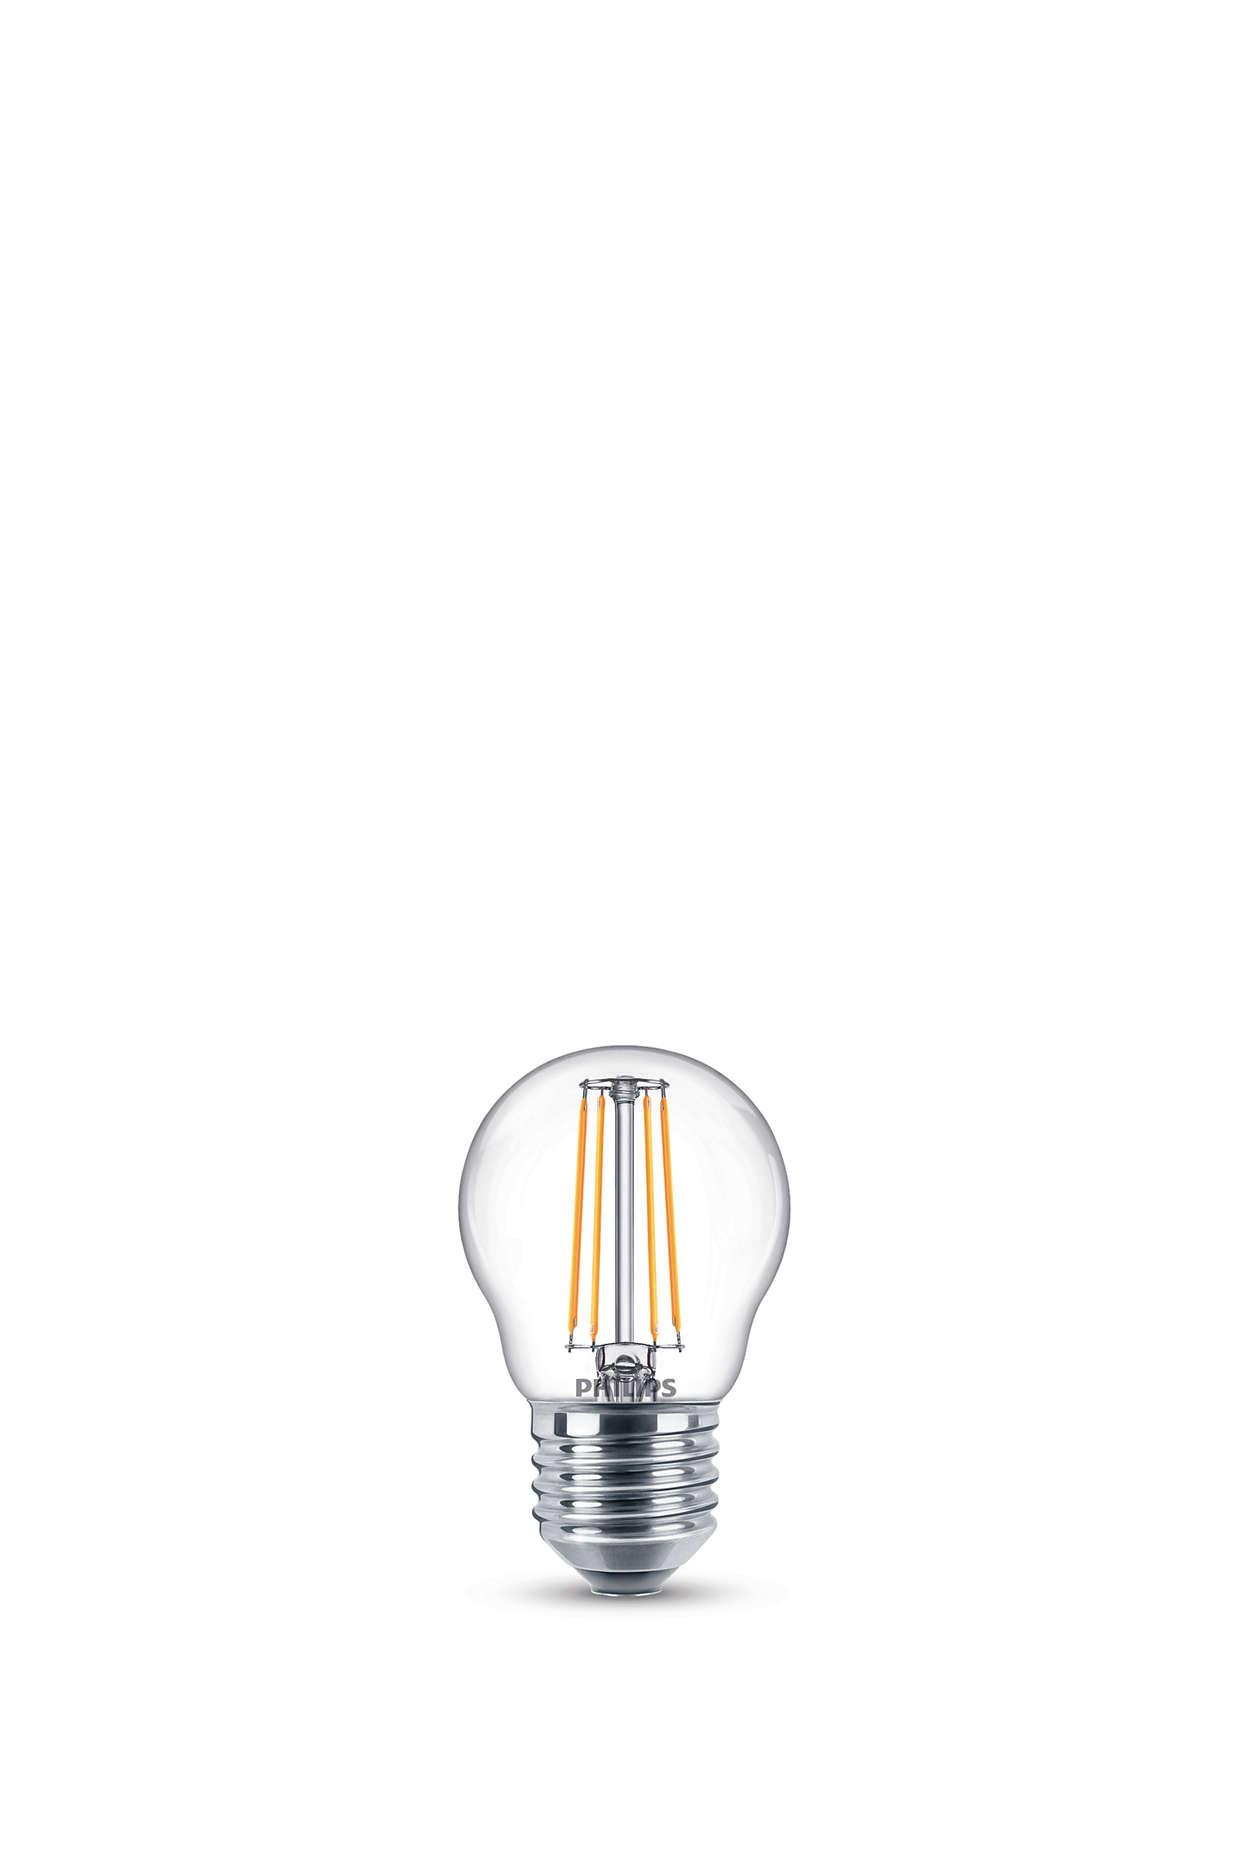 Endre lyssettingen uten å bytte lyskilder